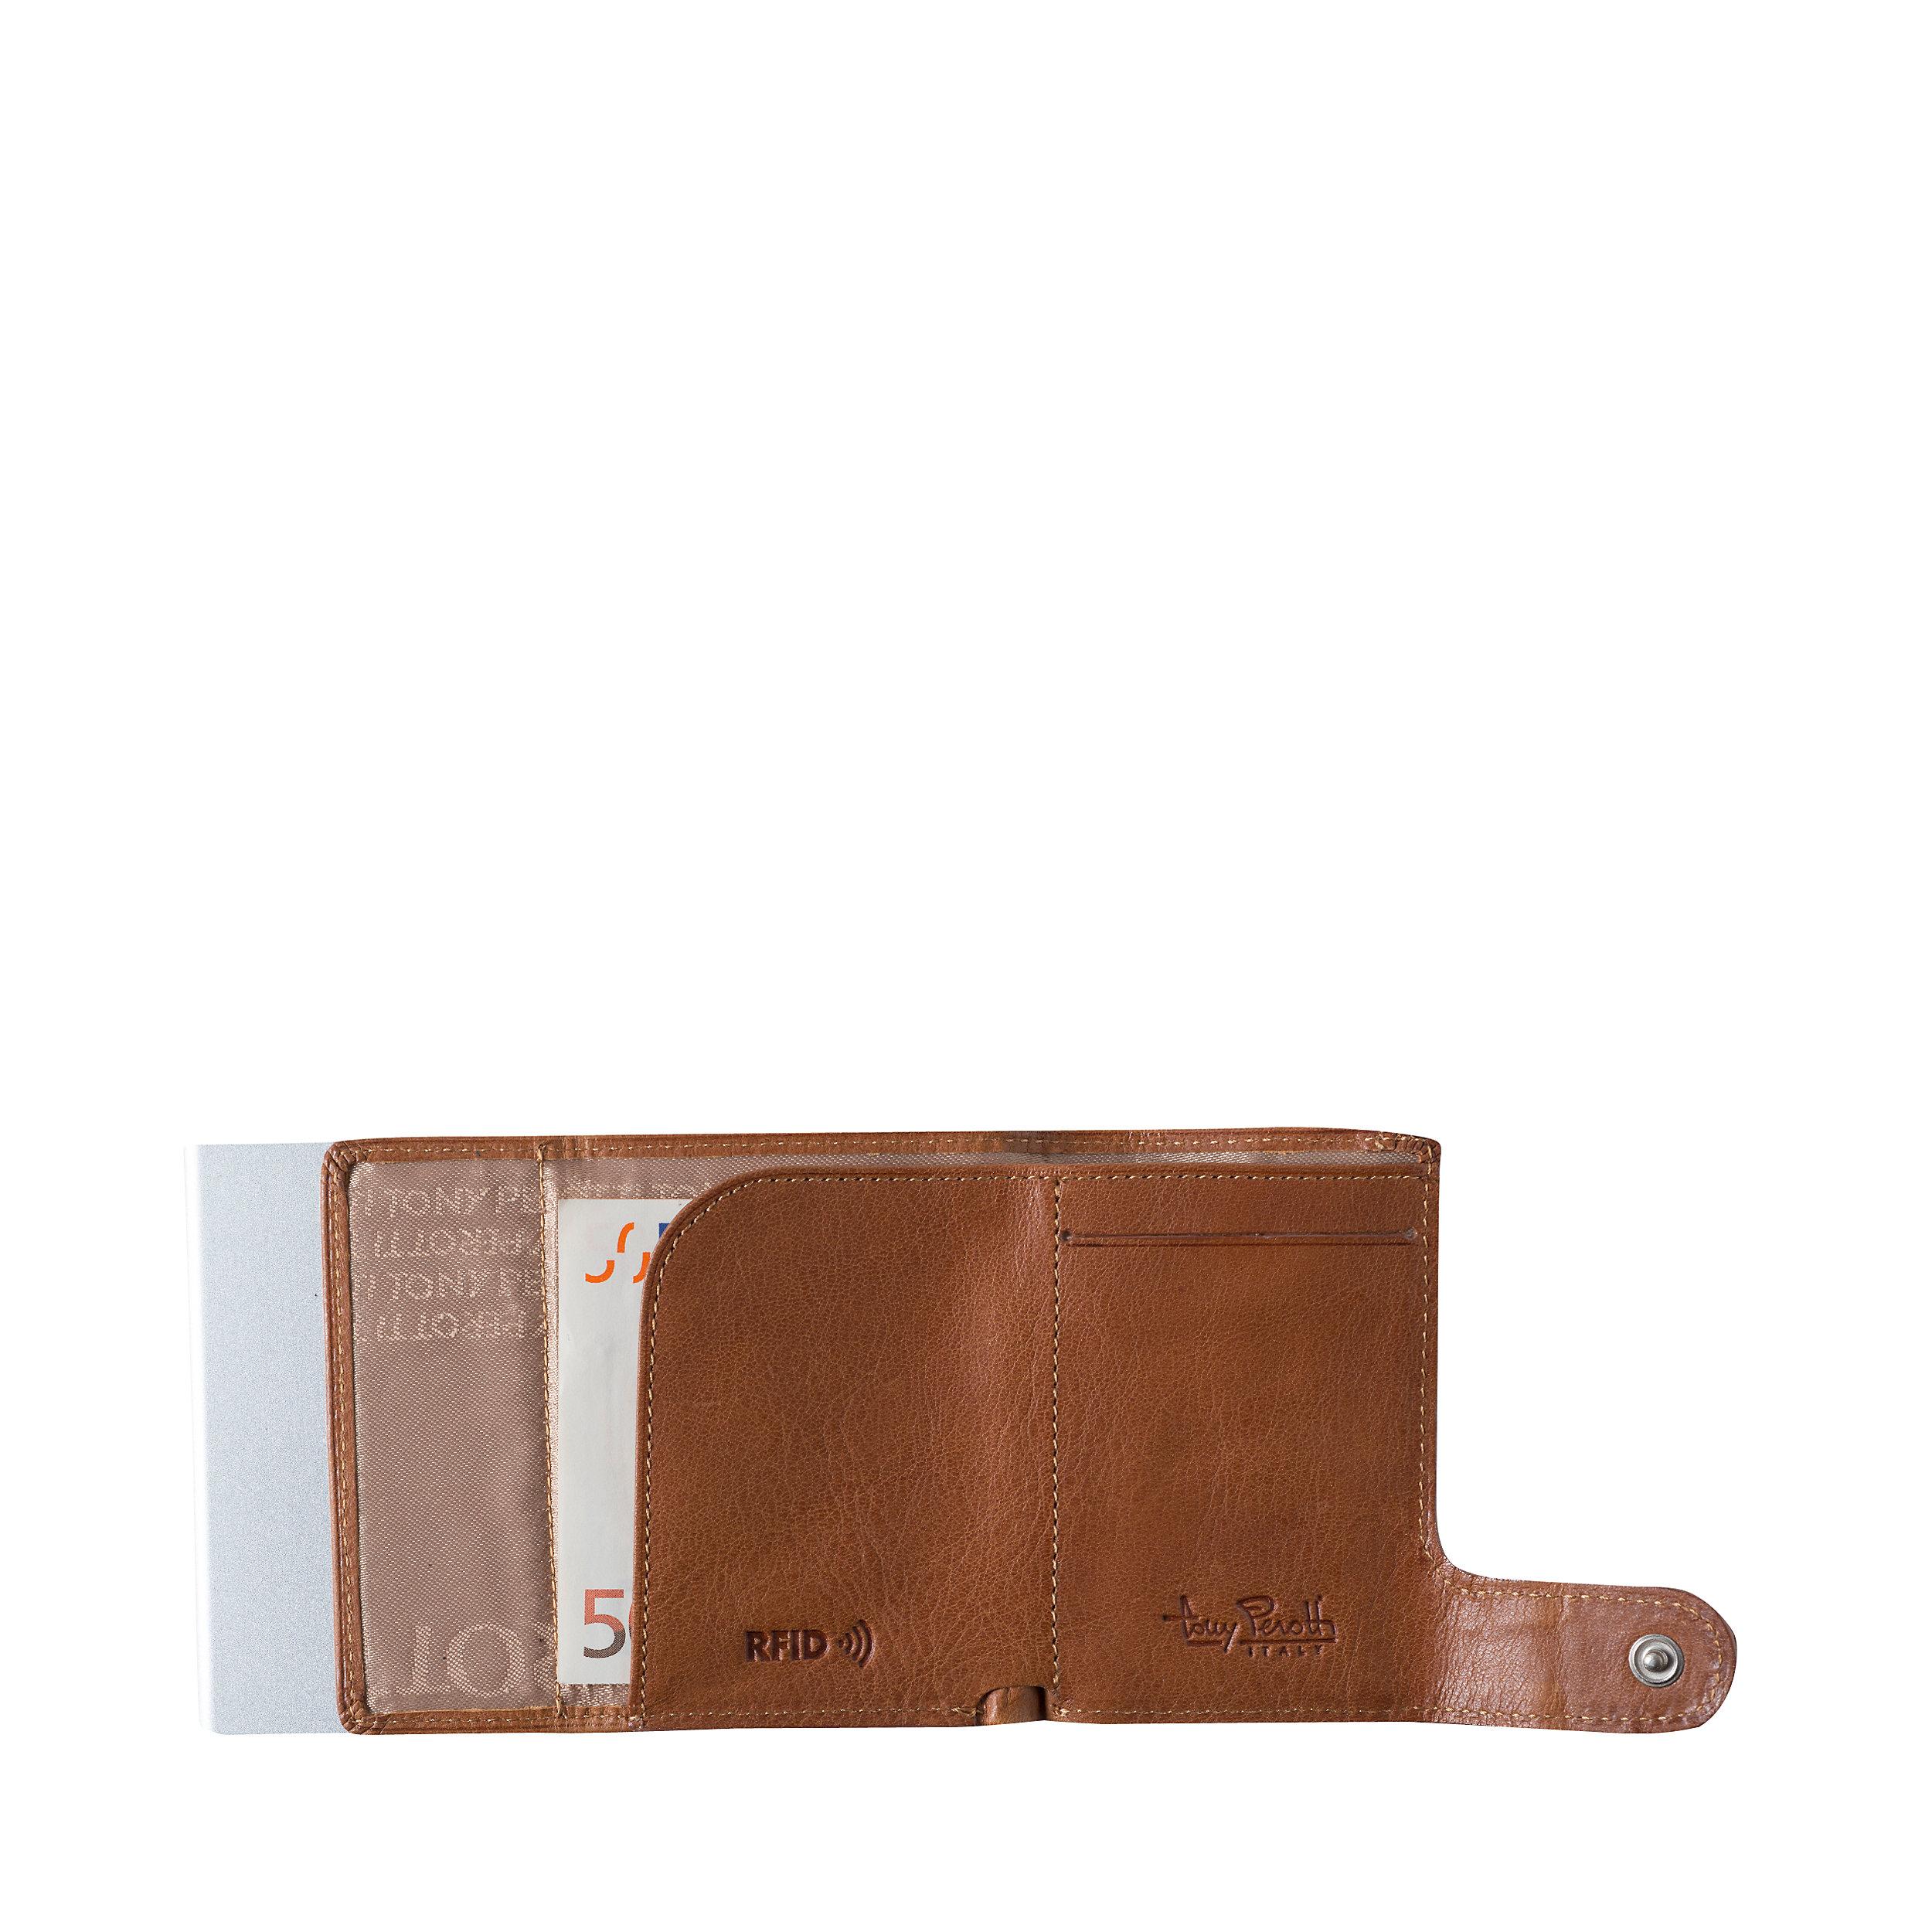 Kreditkartenetui 8KK RFID Vegetale